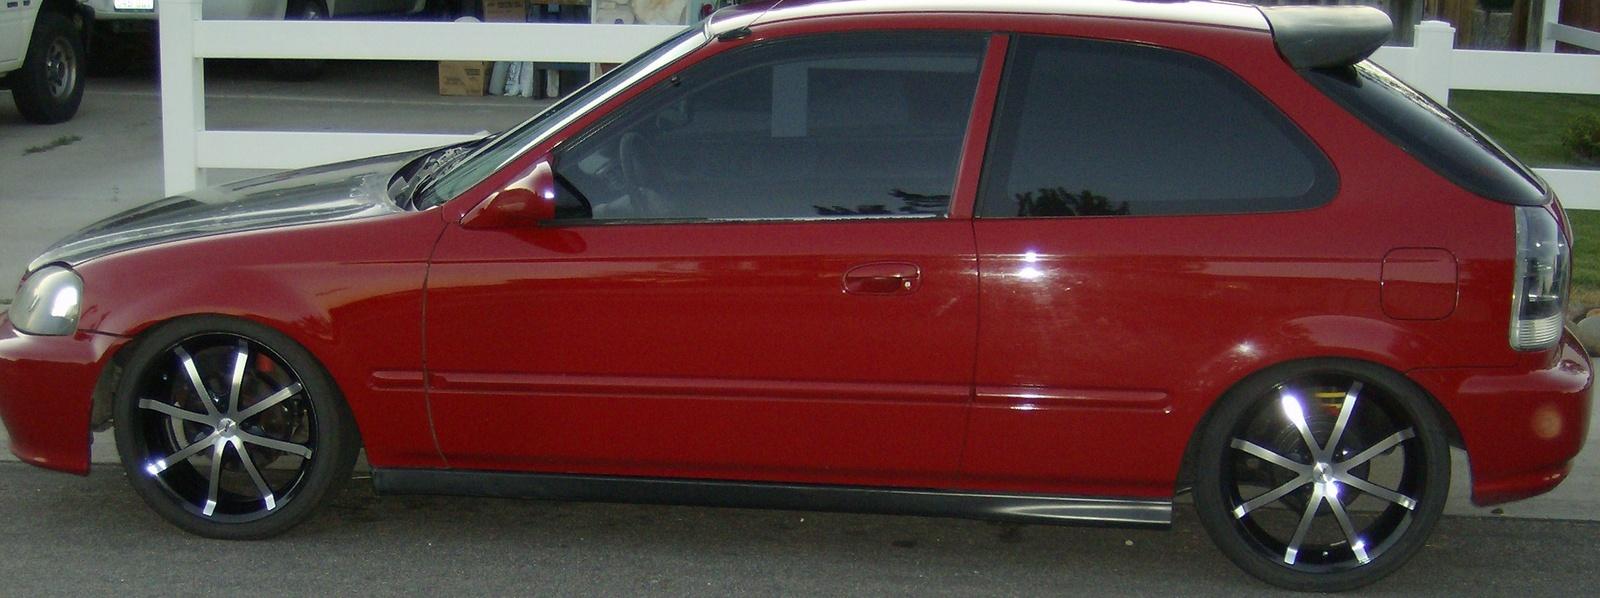 picture of 2000 honda civic cx hatchback exterior. Black Bedroom Furniture Sets. Home Design Ideas